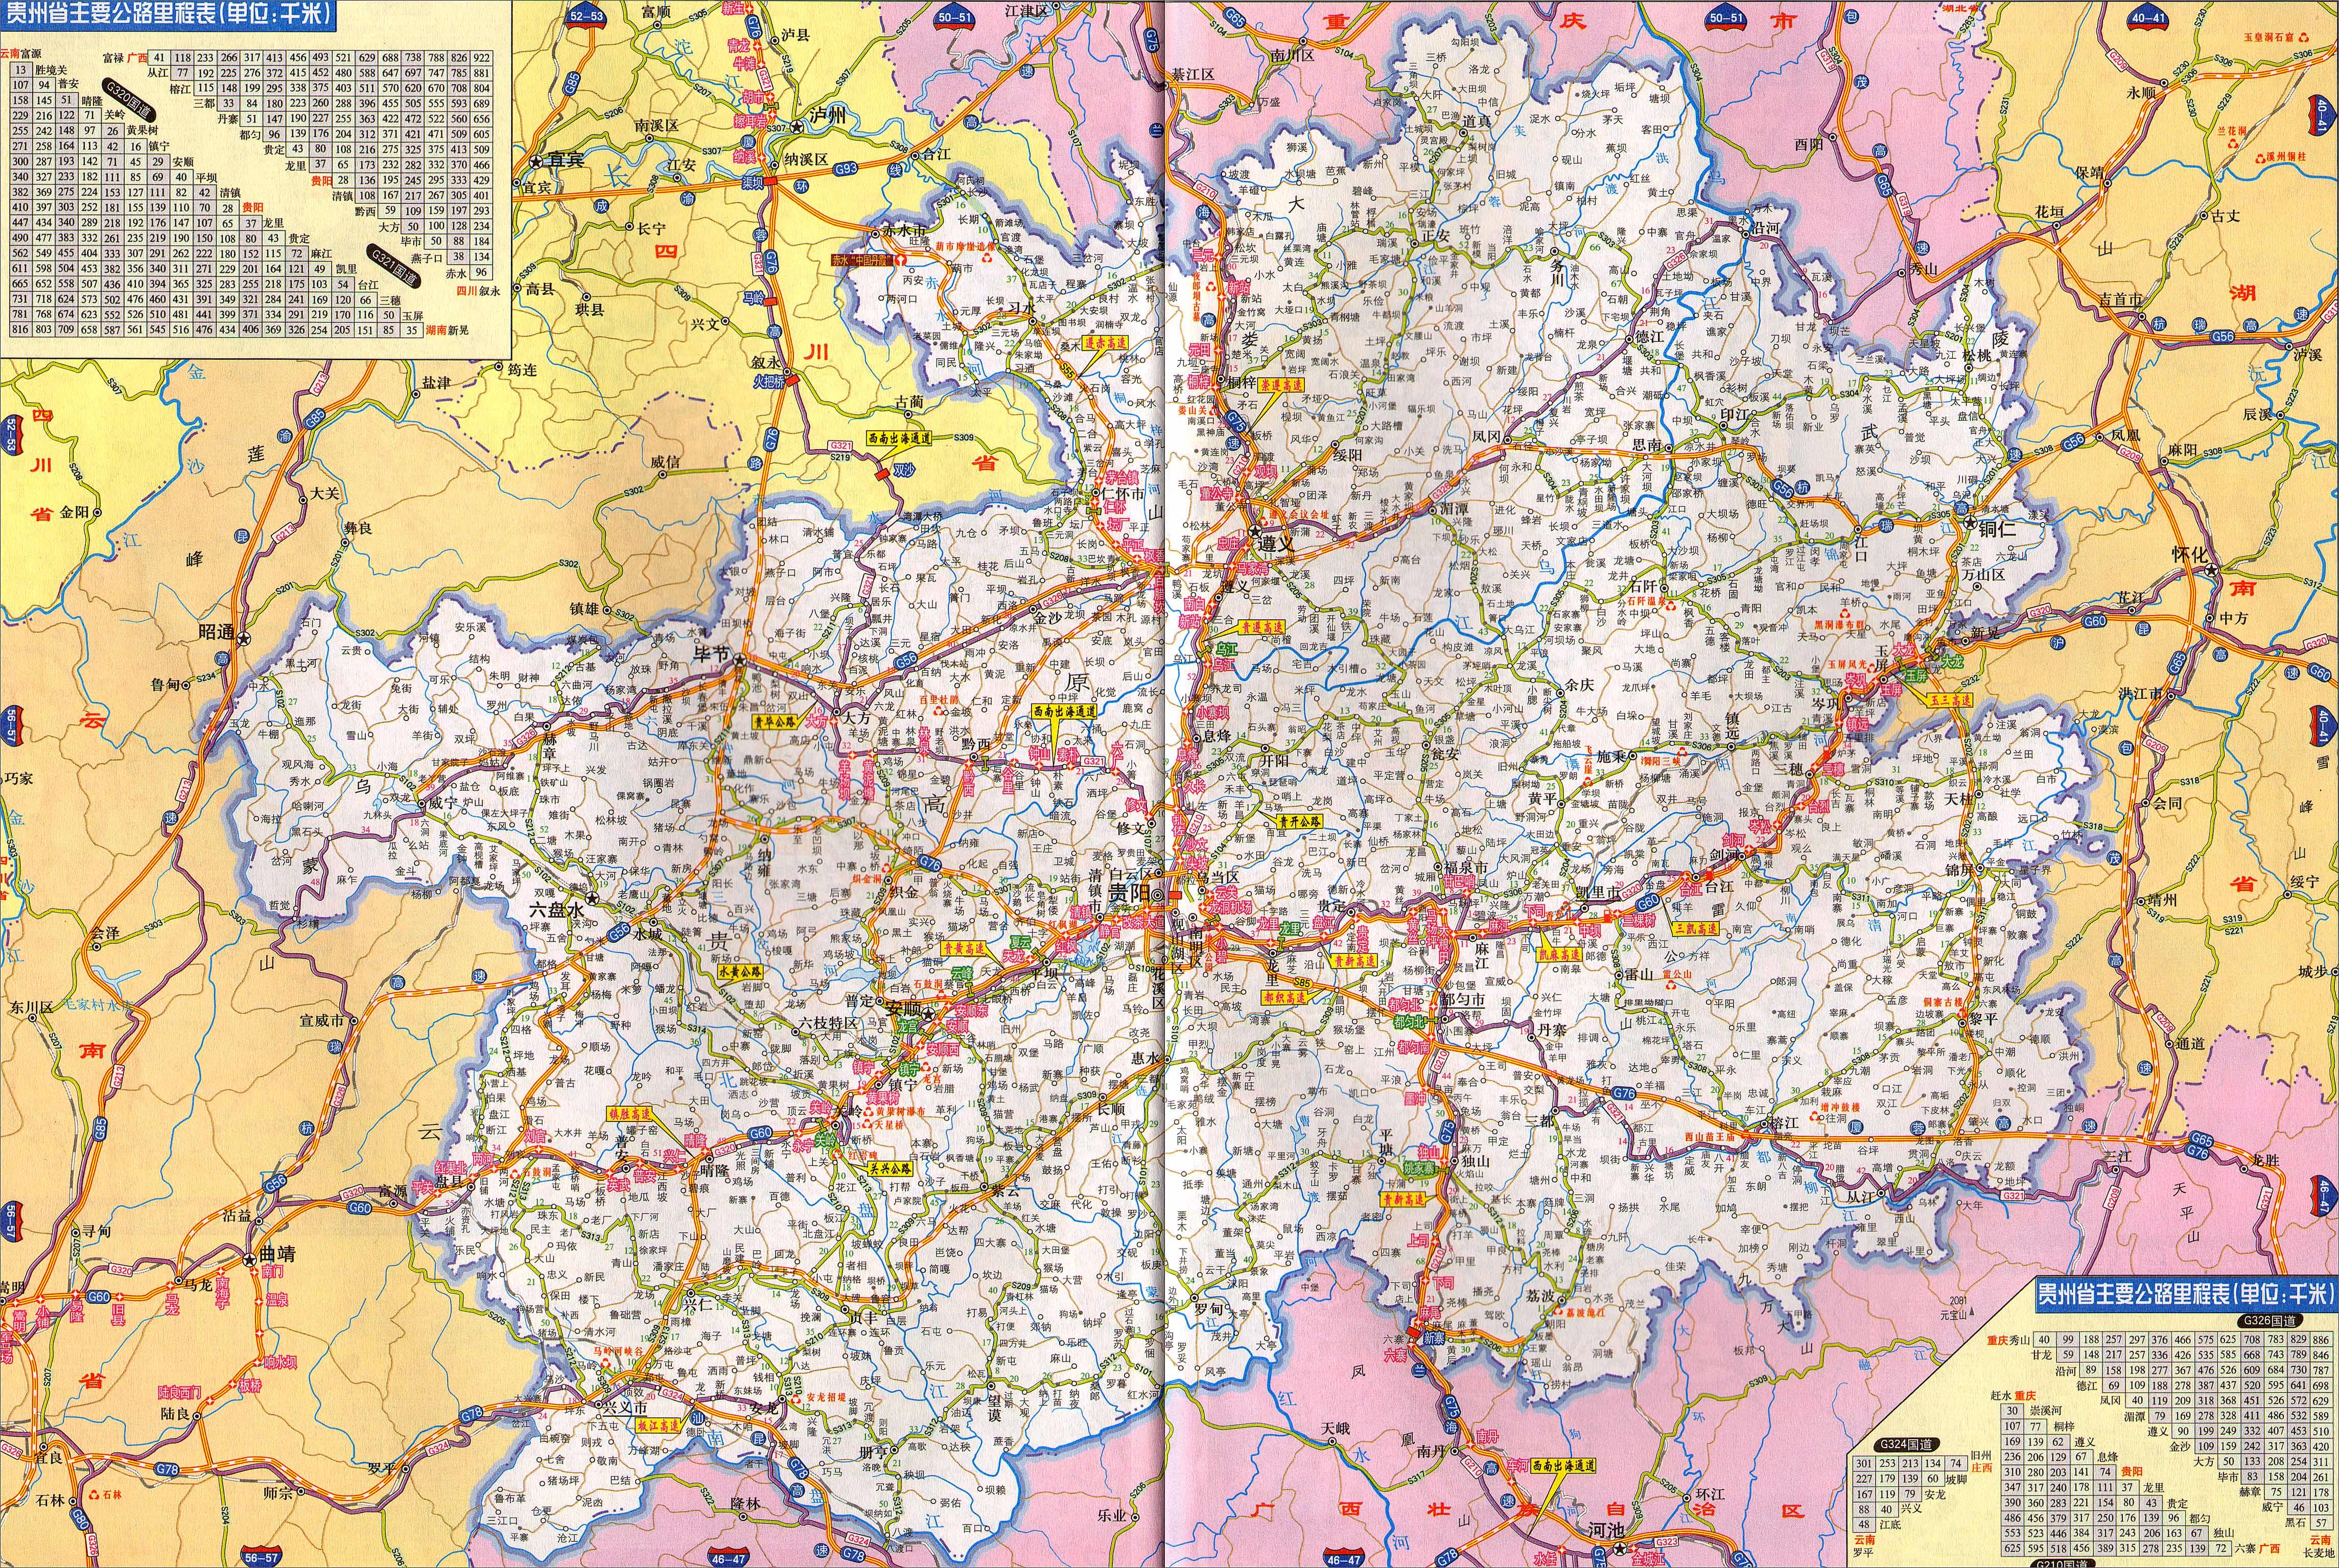 广州高速公路地图2017版  | 高速公路网 |  下一张地图: 海南高速